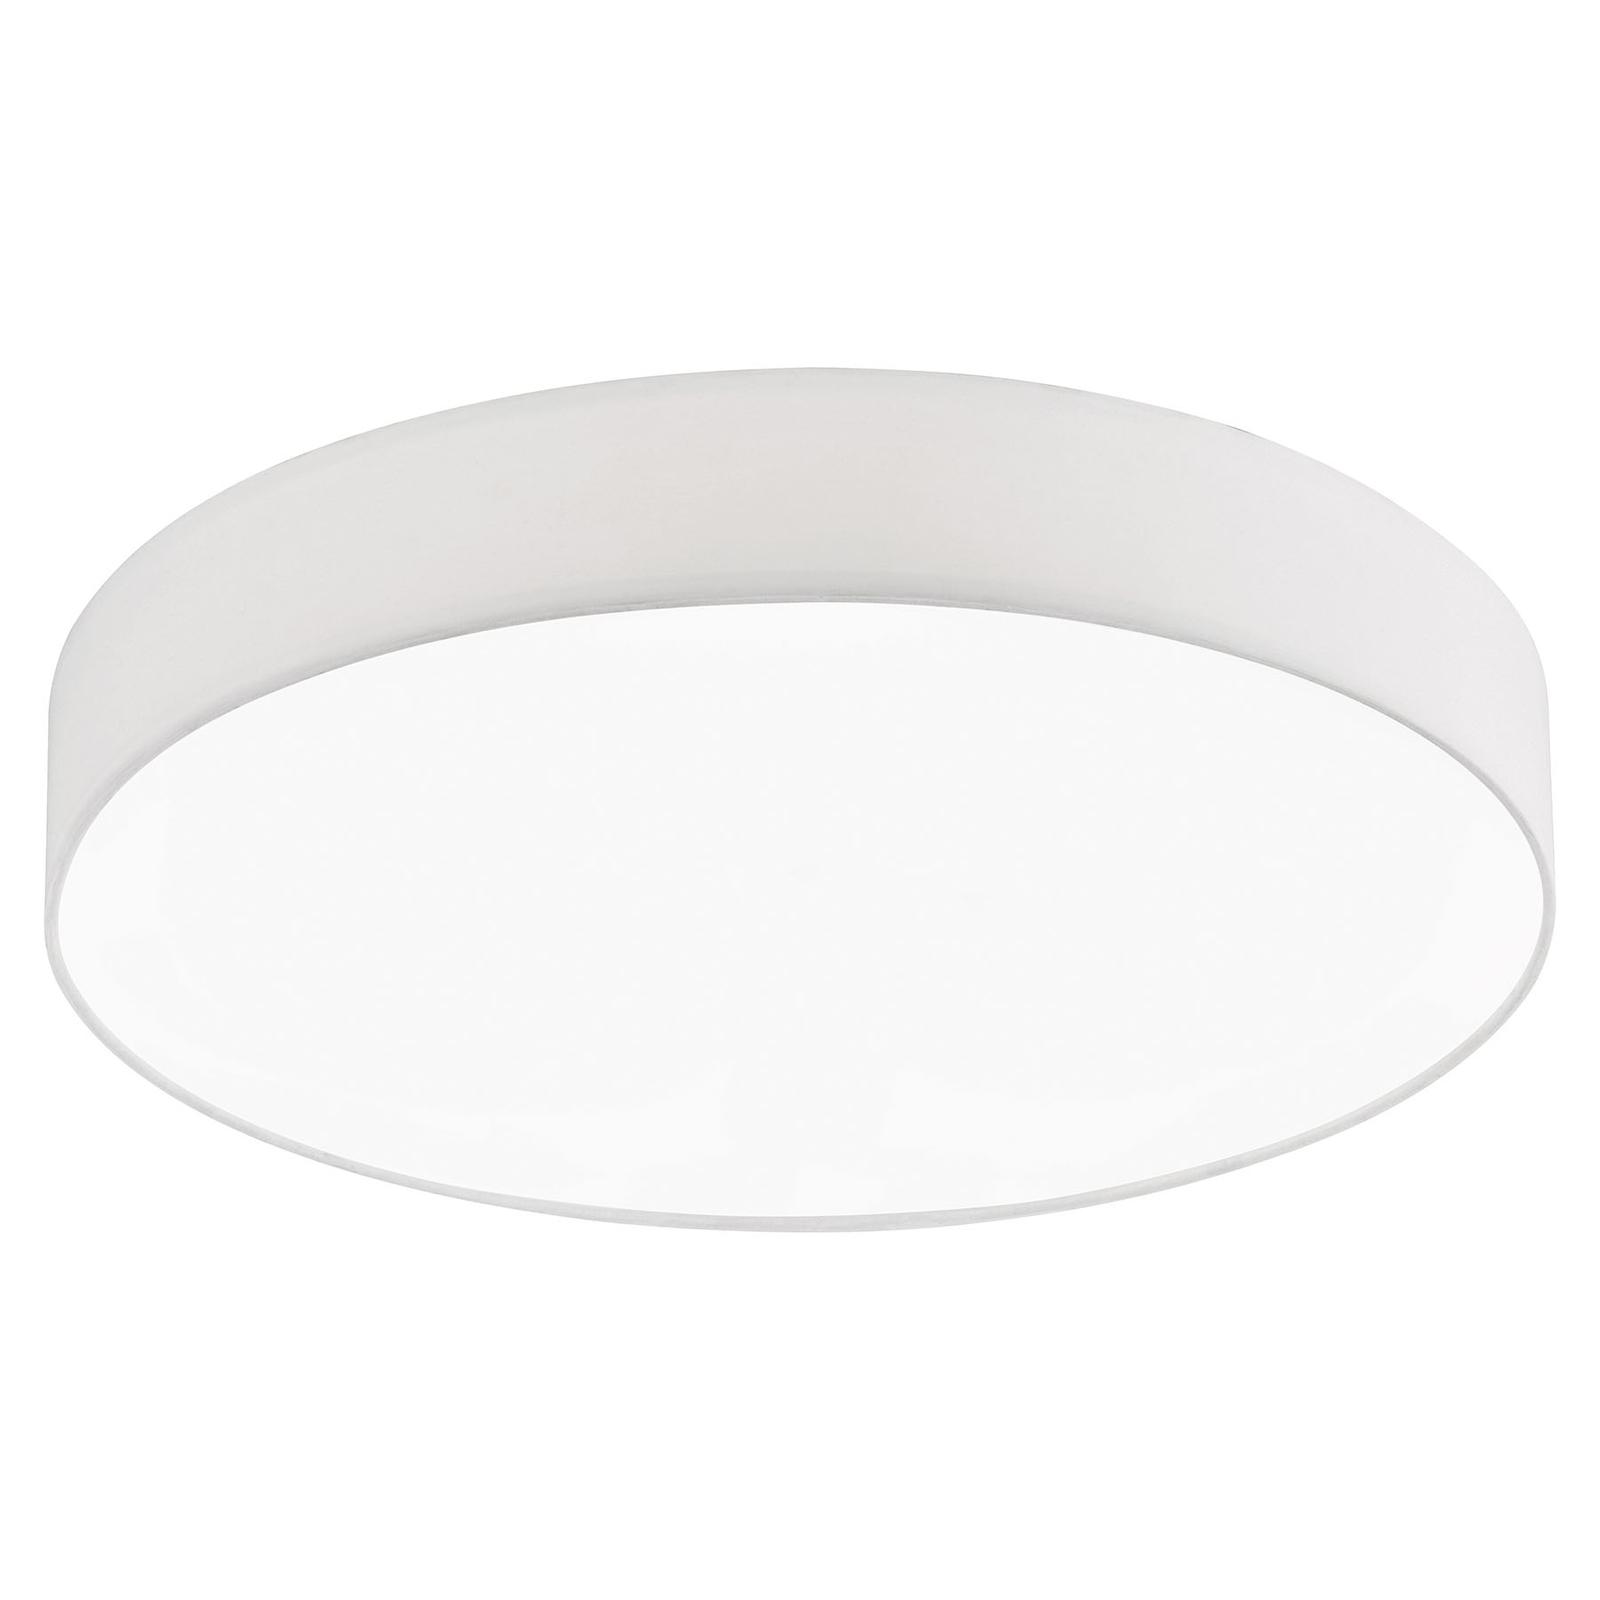 Acquista Schöner Wohnen Pina plafoniera LED, bianco